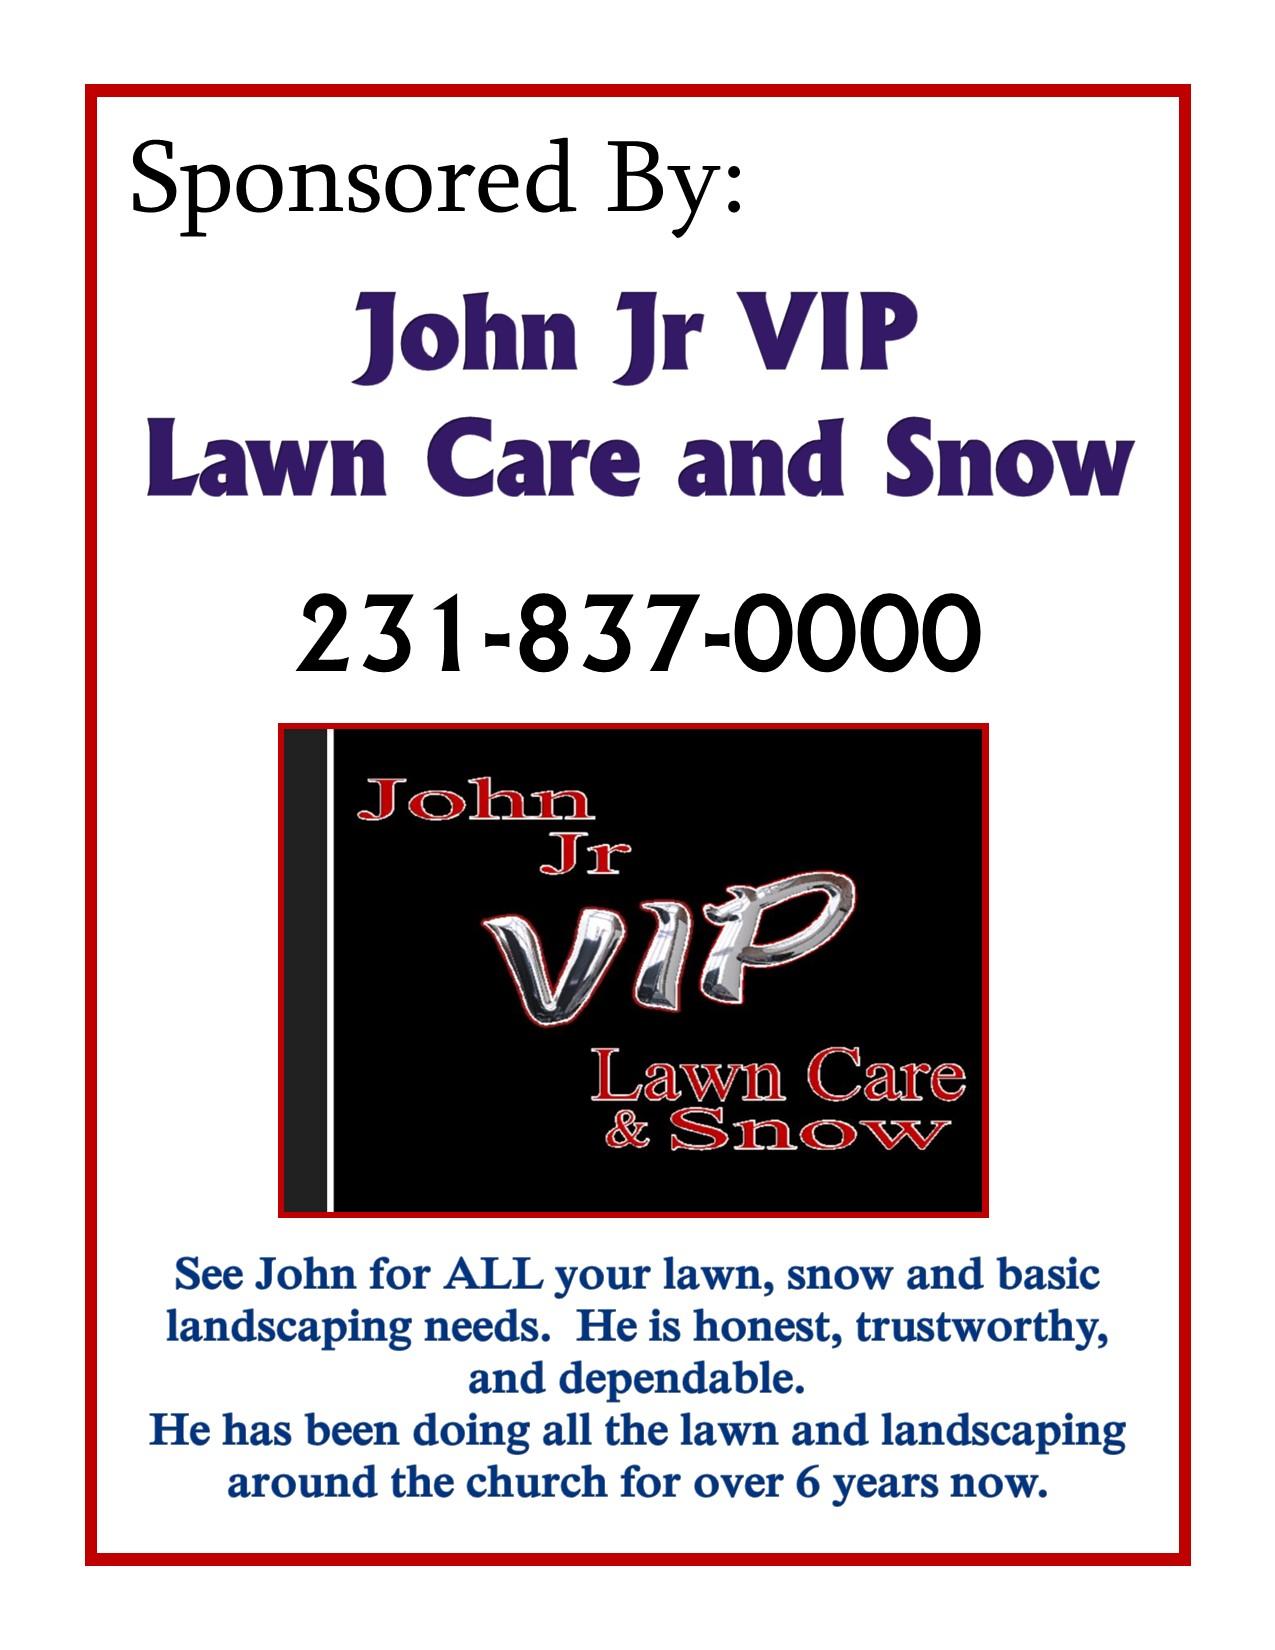 John VIP